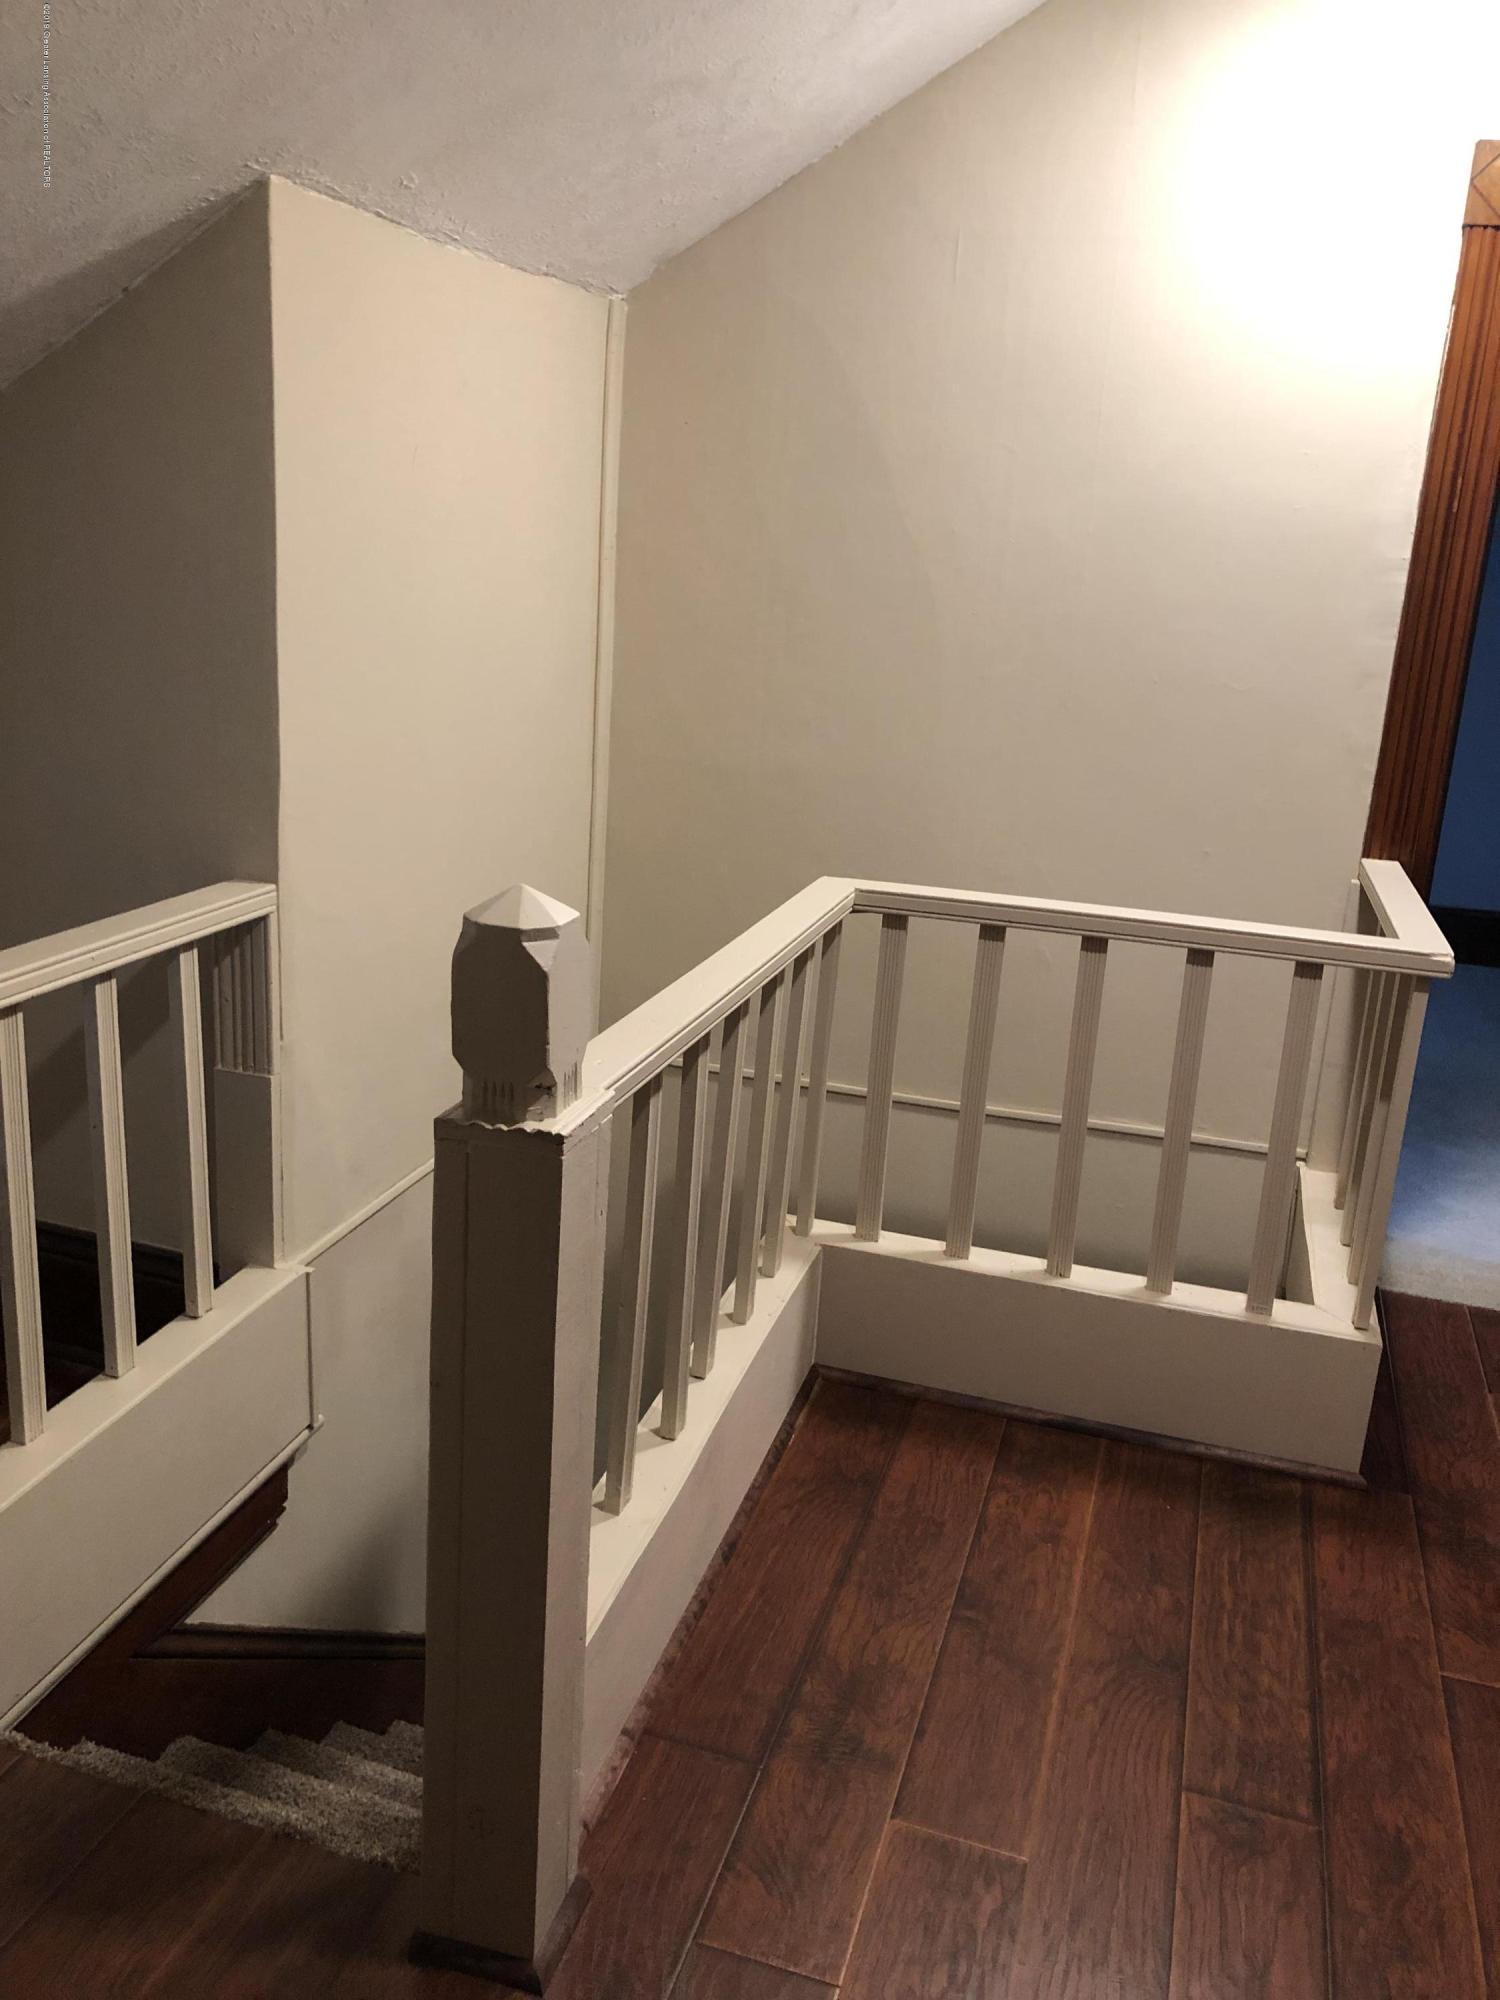 309 W Baldwin St - Rear stairway landing - 42